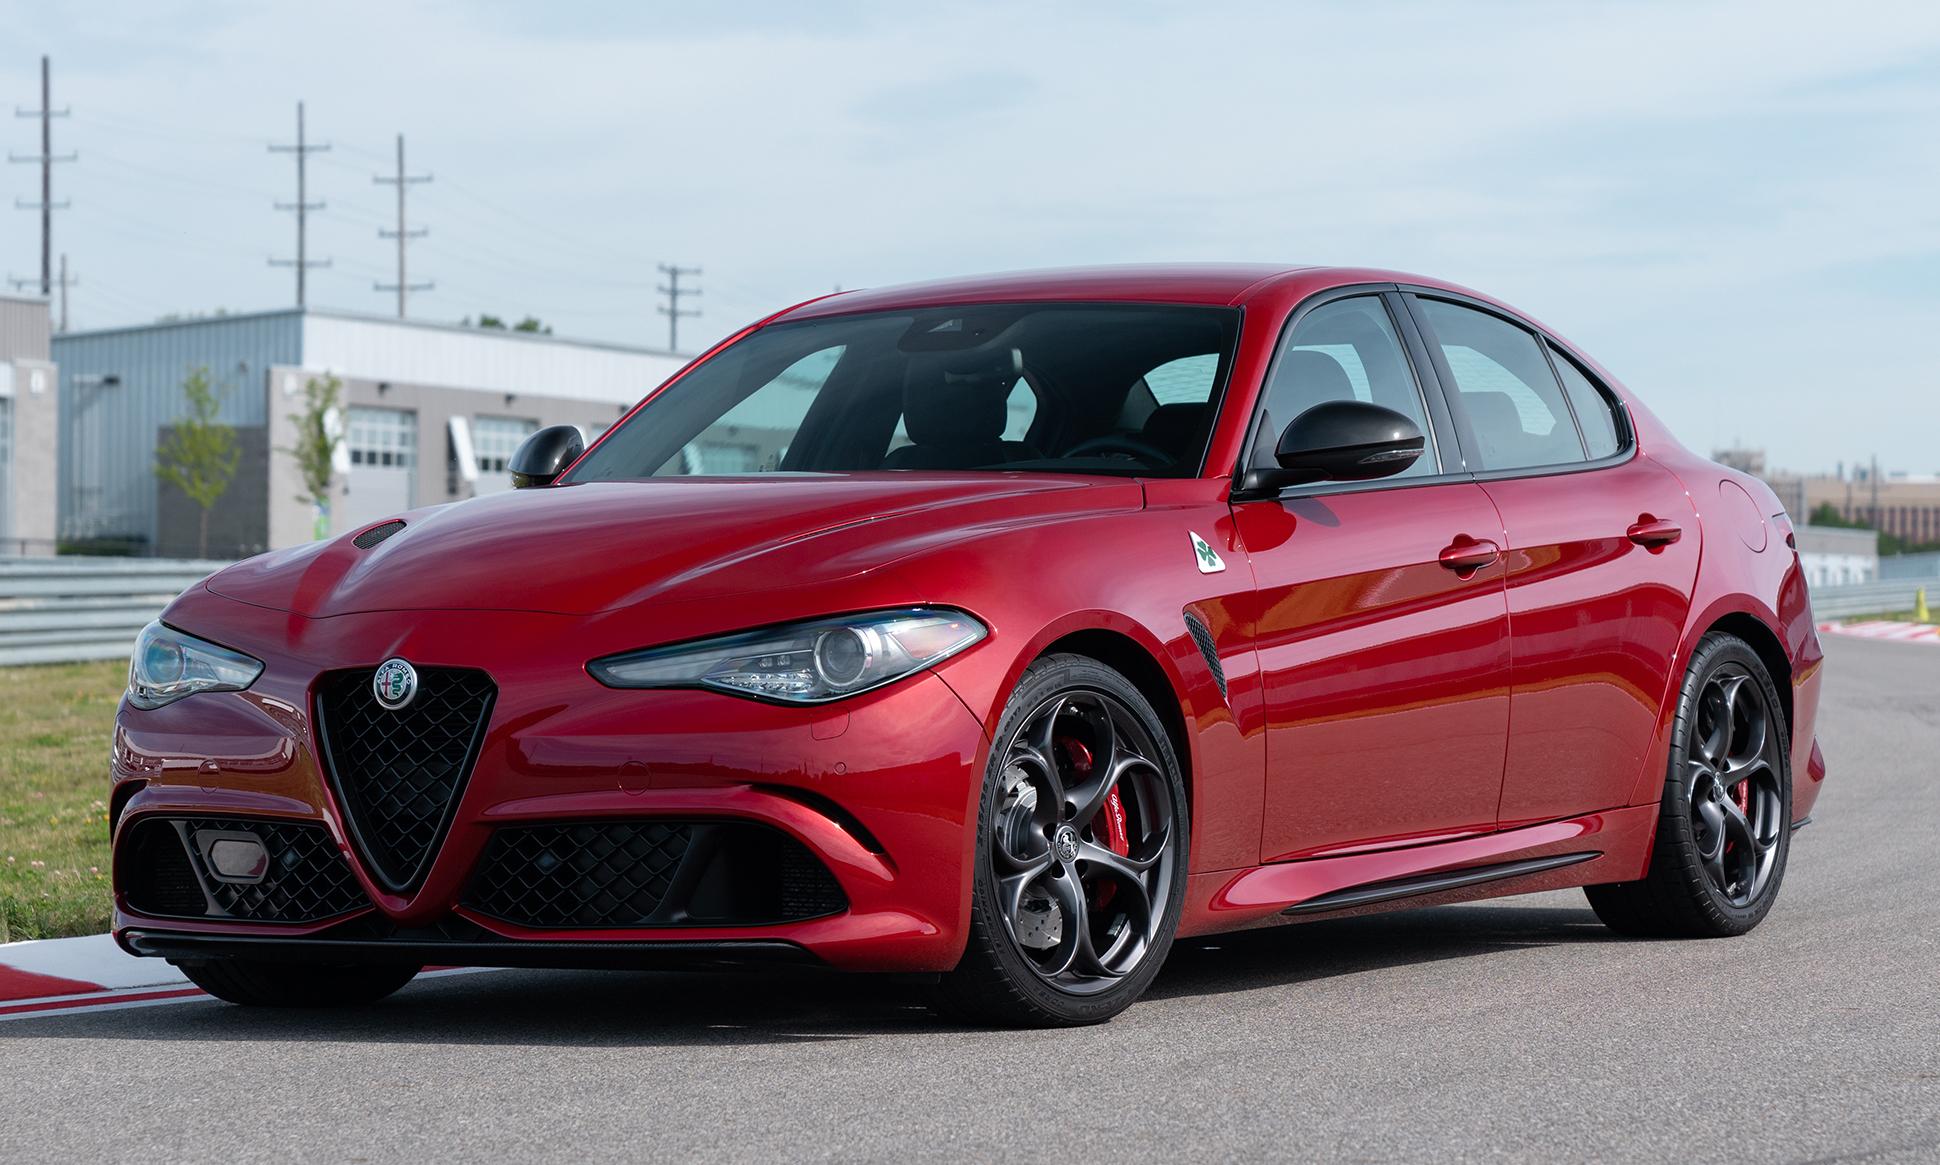 2019 Alfa Romeo Giulia Nero Edizione Package Mopar Insiders